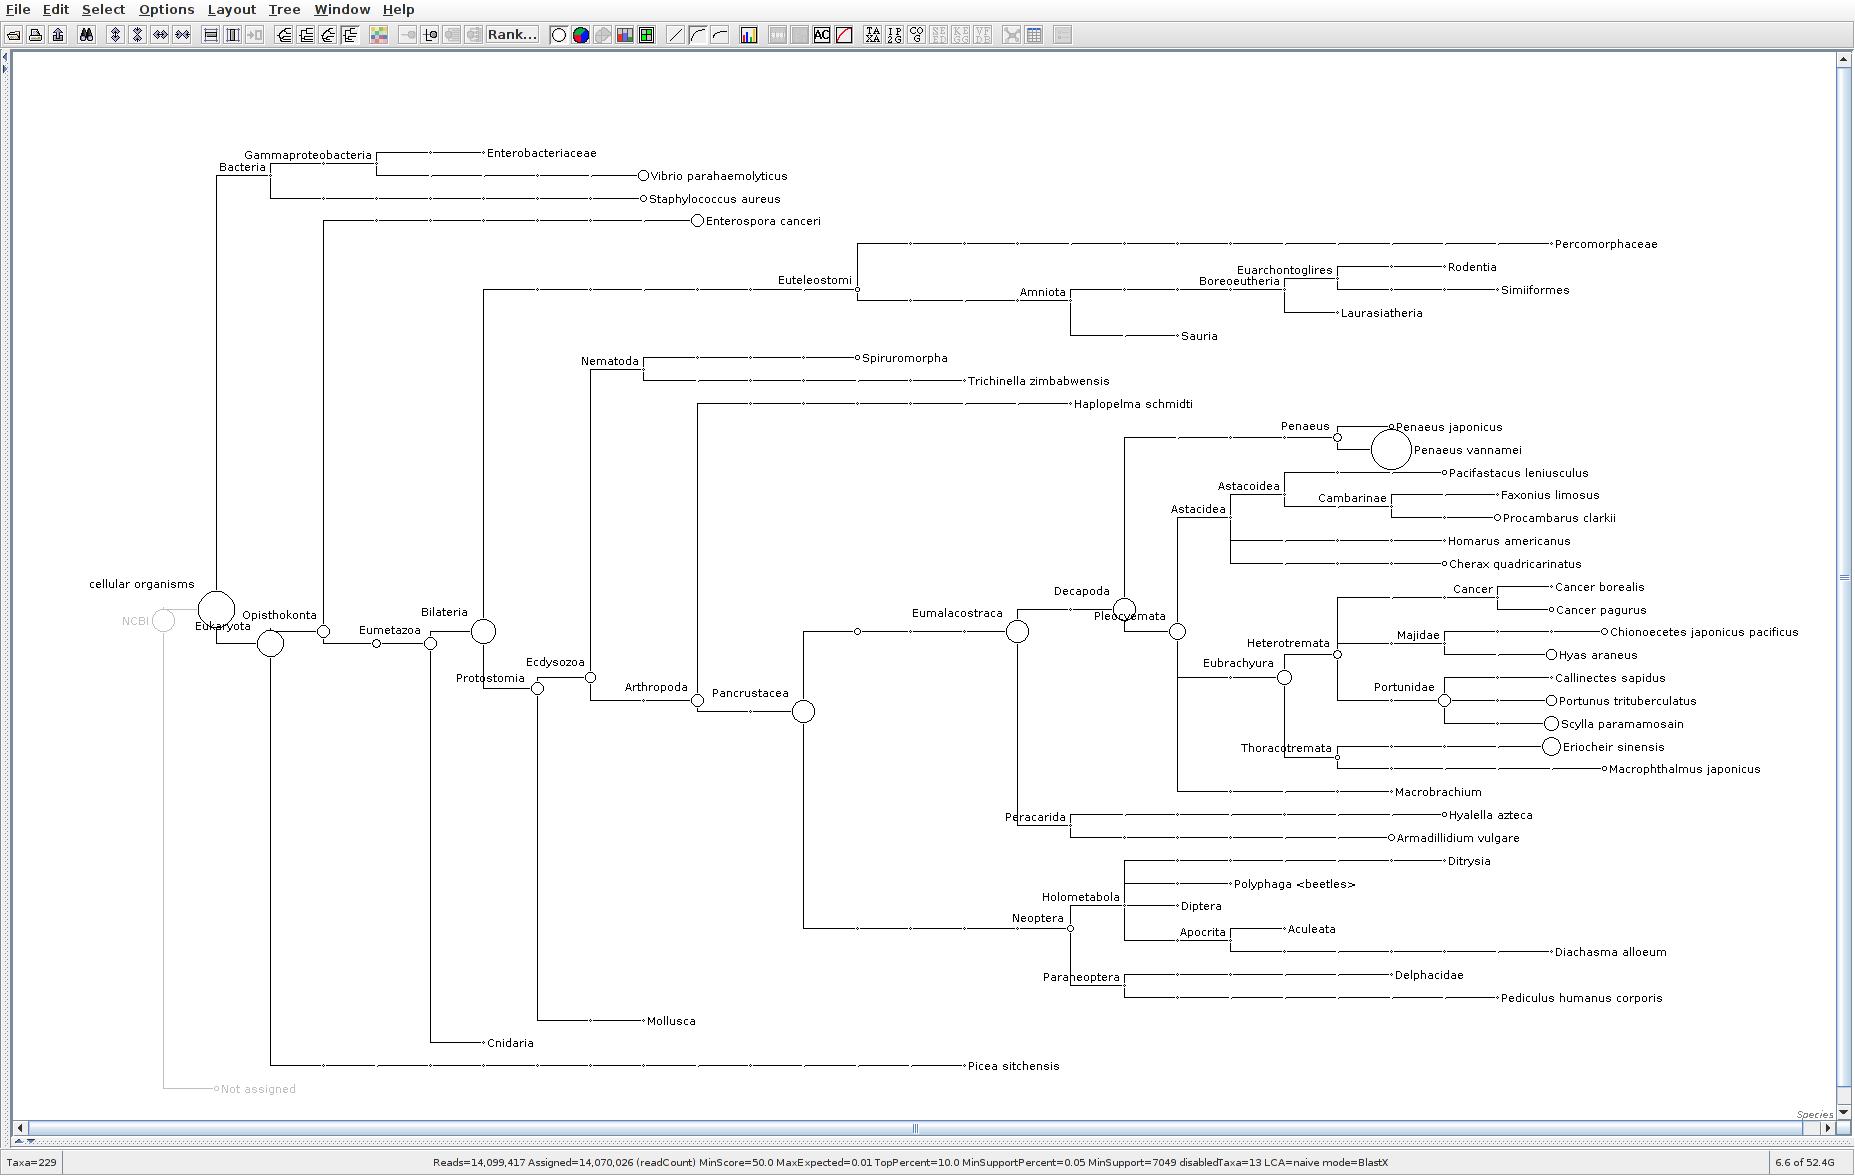 151 MEGAN6 taxonomic tree